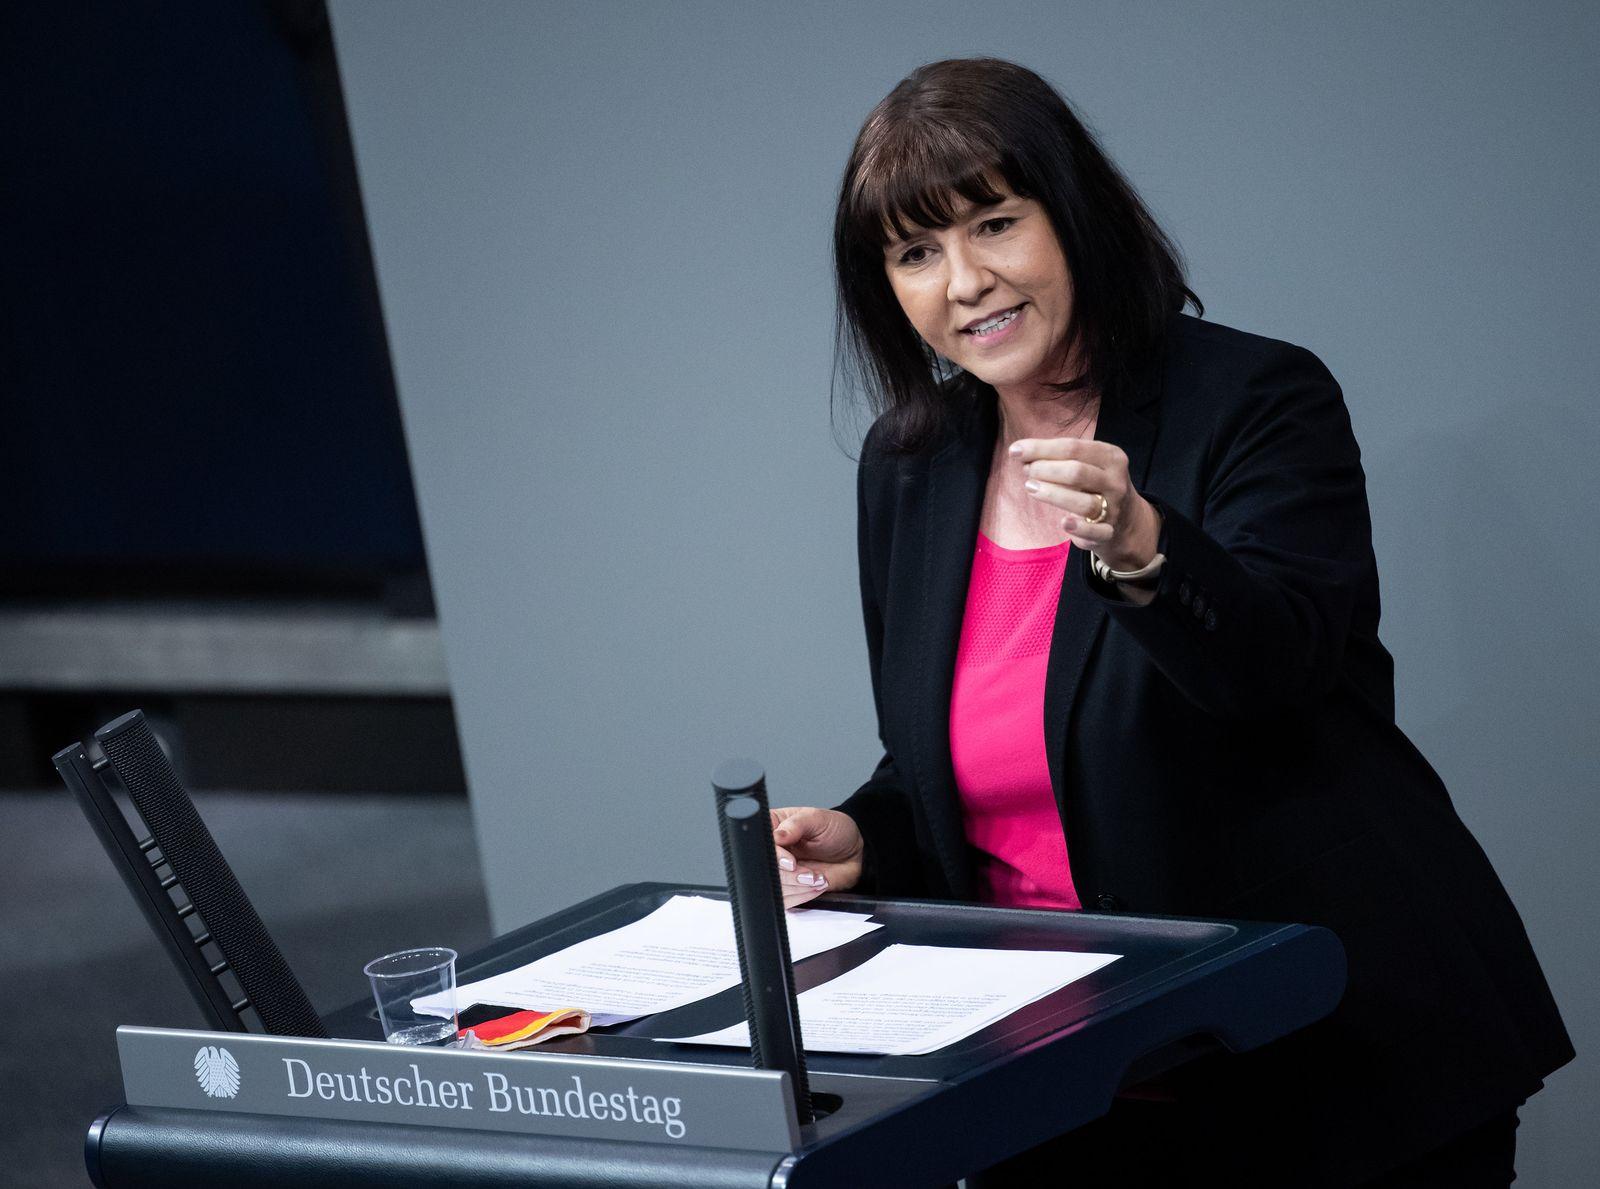 Hessische Bundestagsabgeordnete Joana Cotar